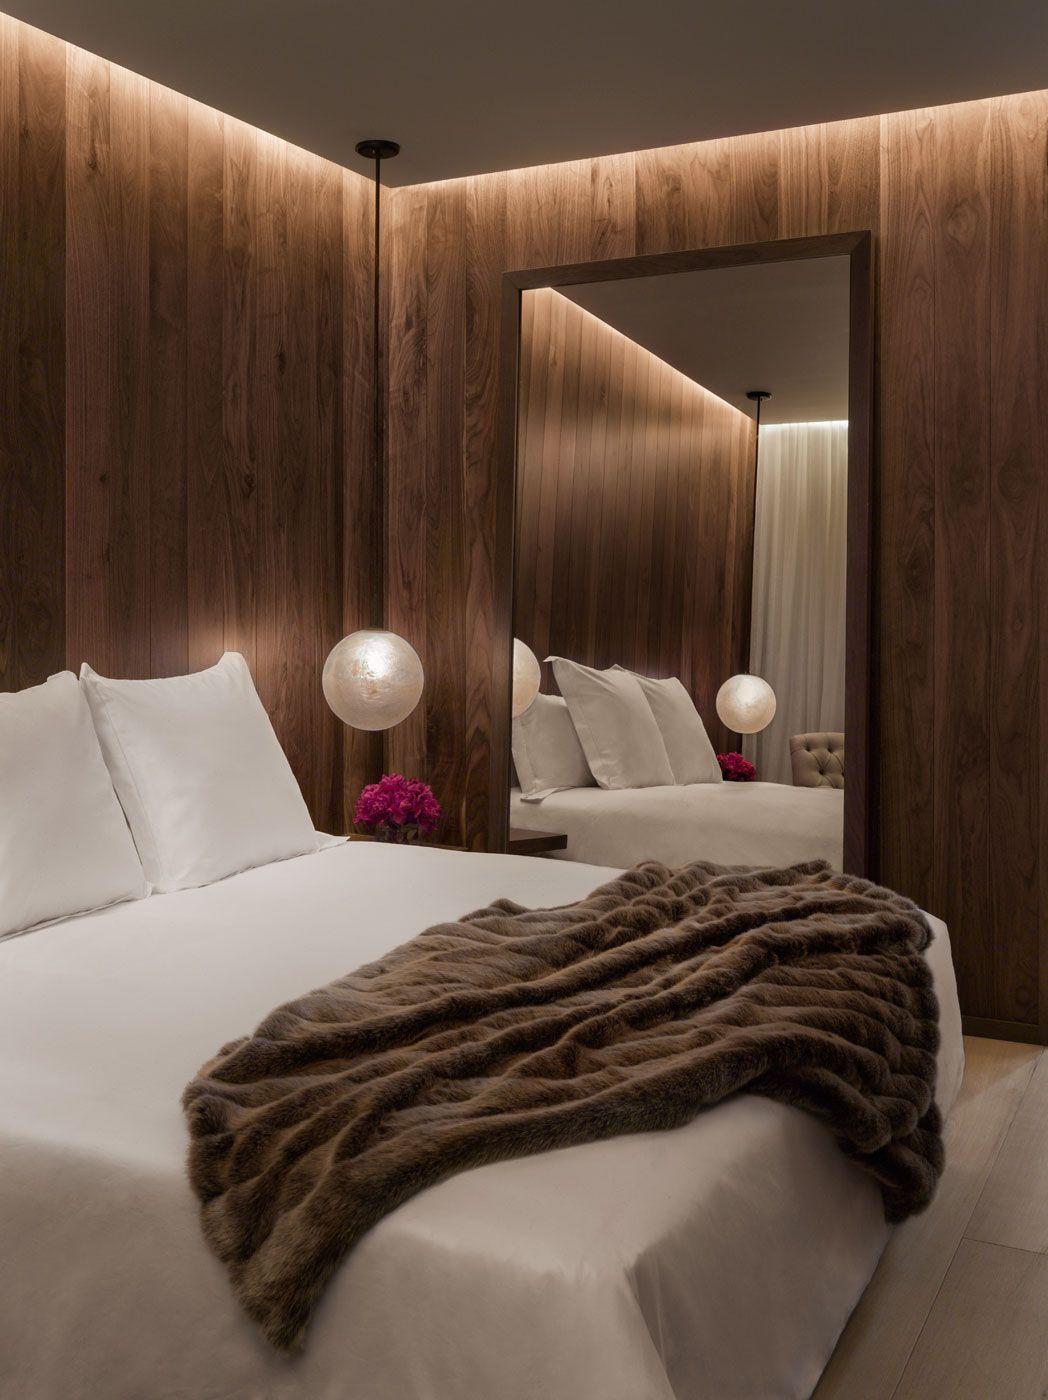 Motel Room Interiors: AJK Holdings Hotels, Motels & Resort Room Inspiration